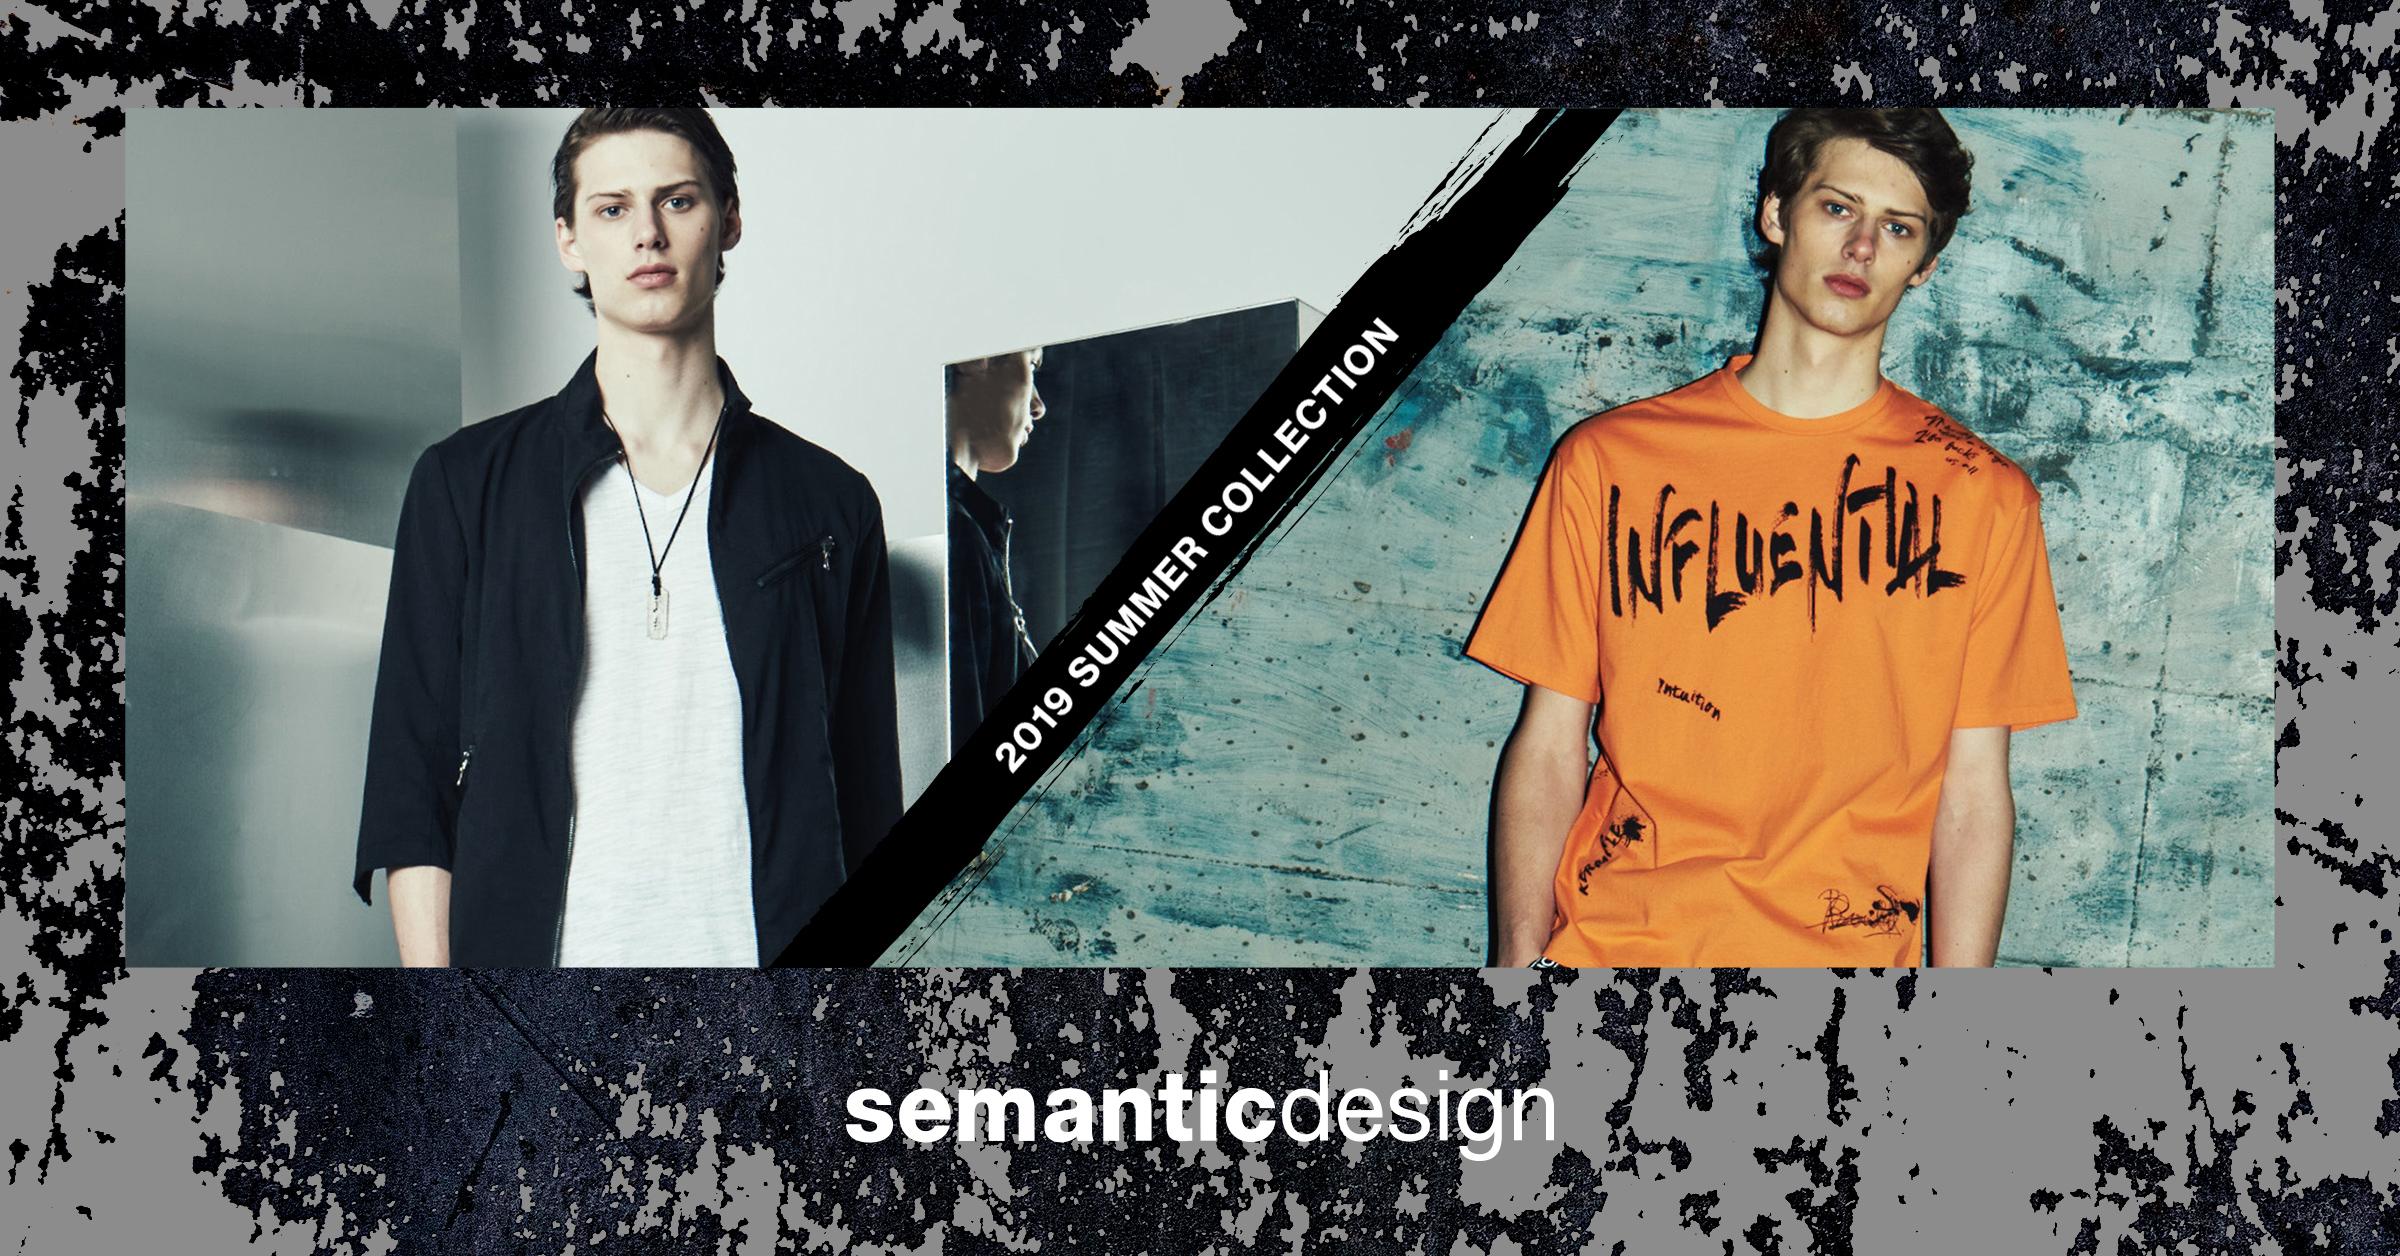 semanticdesign Summer Collection